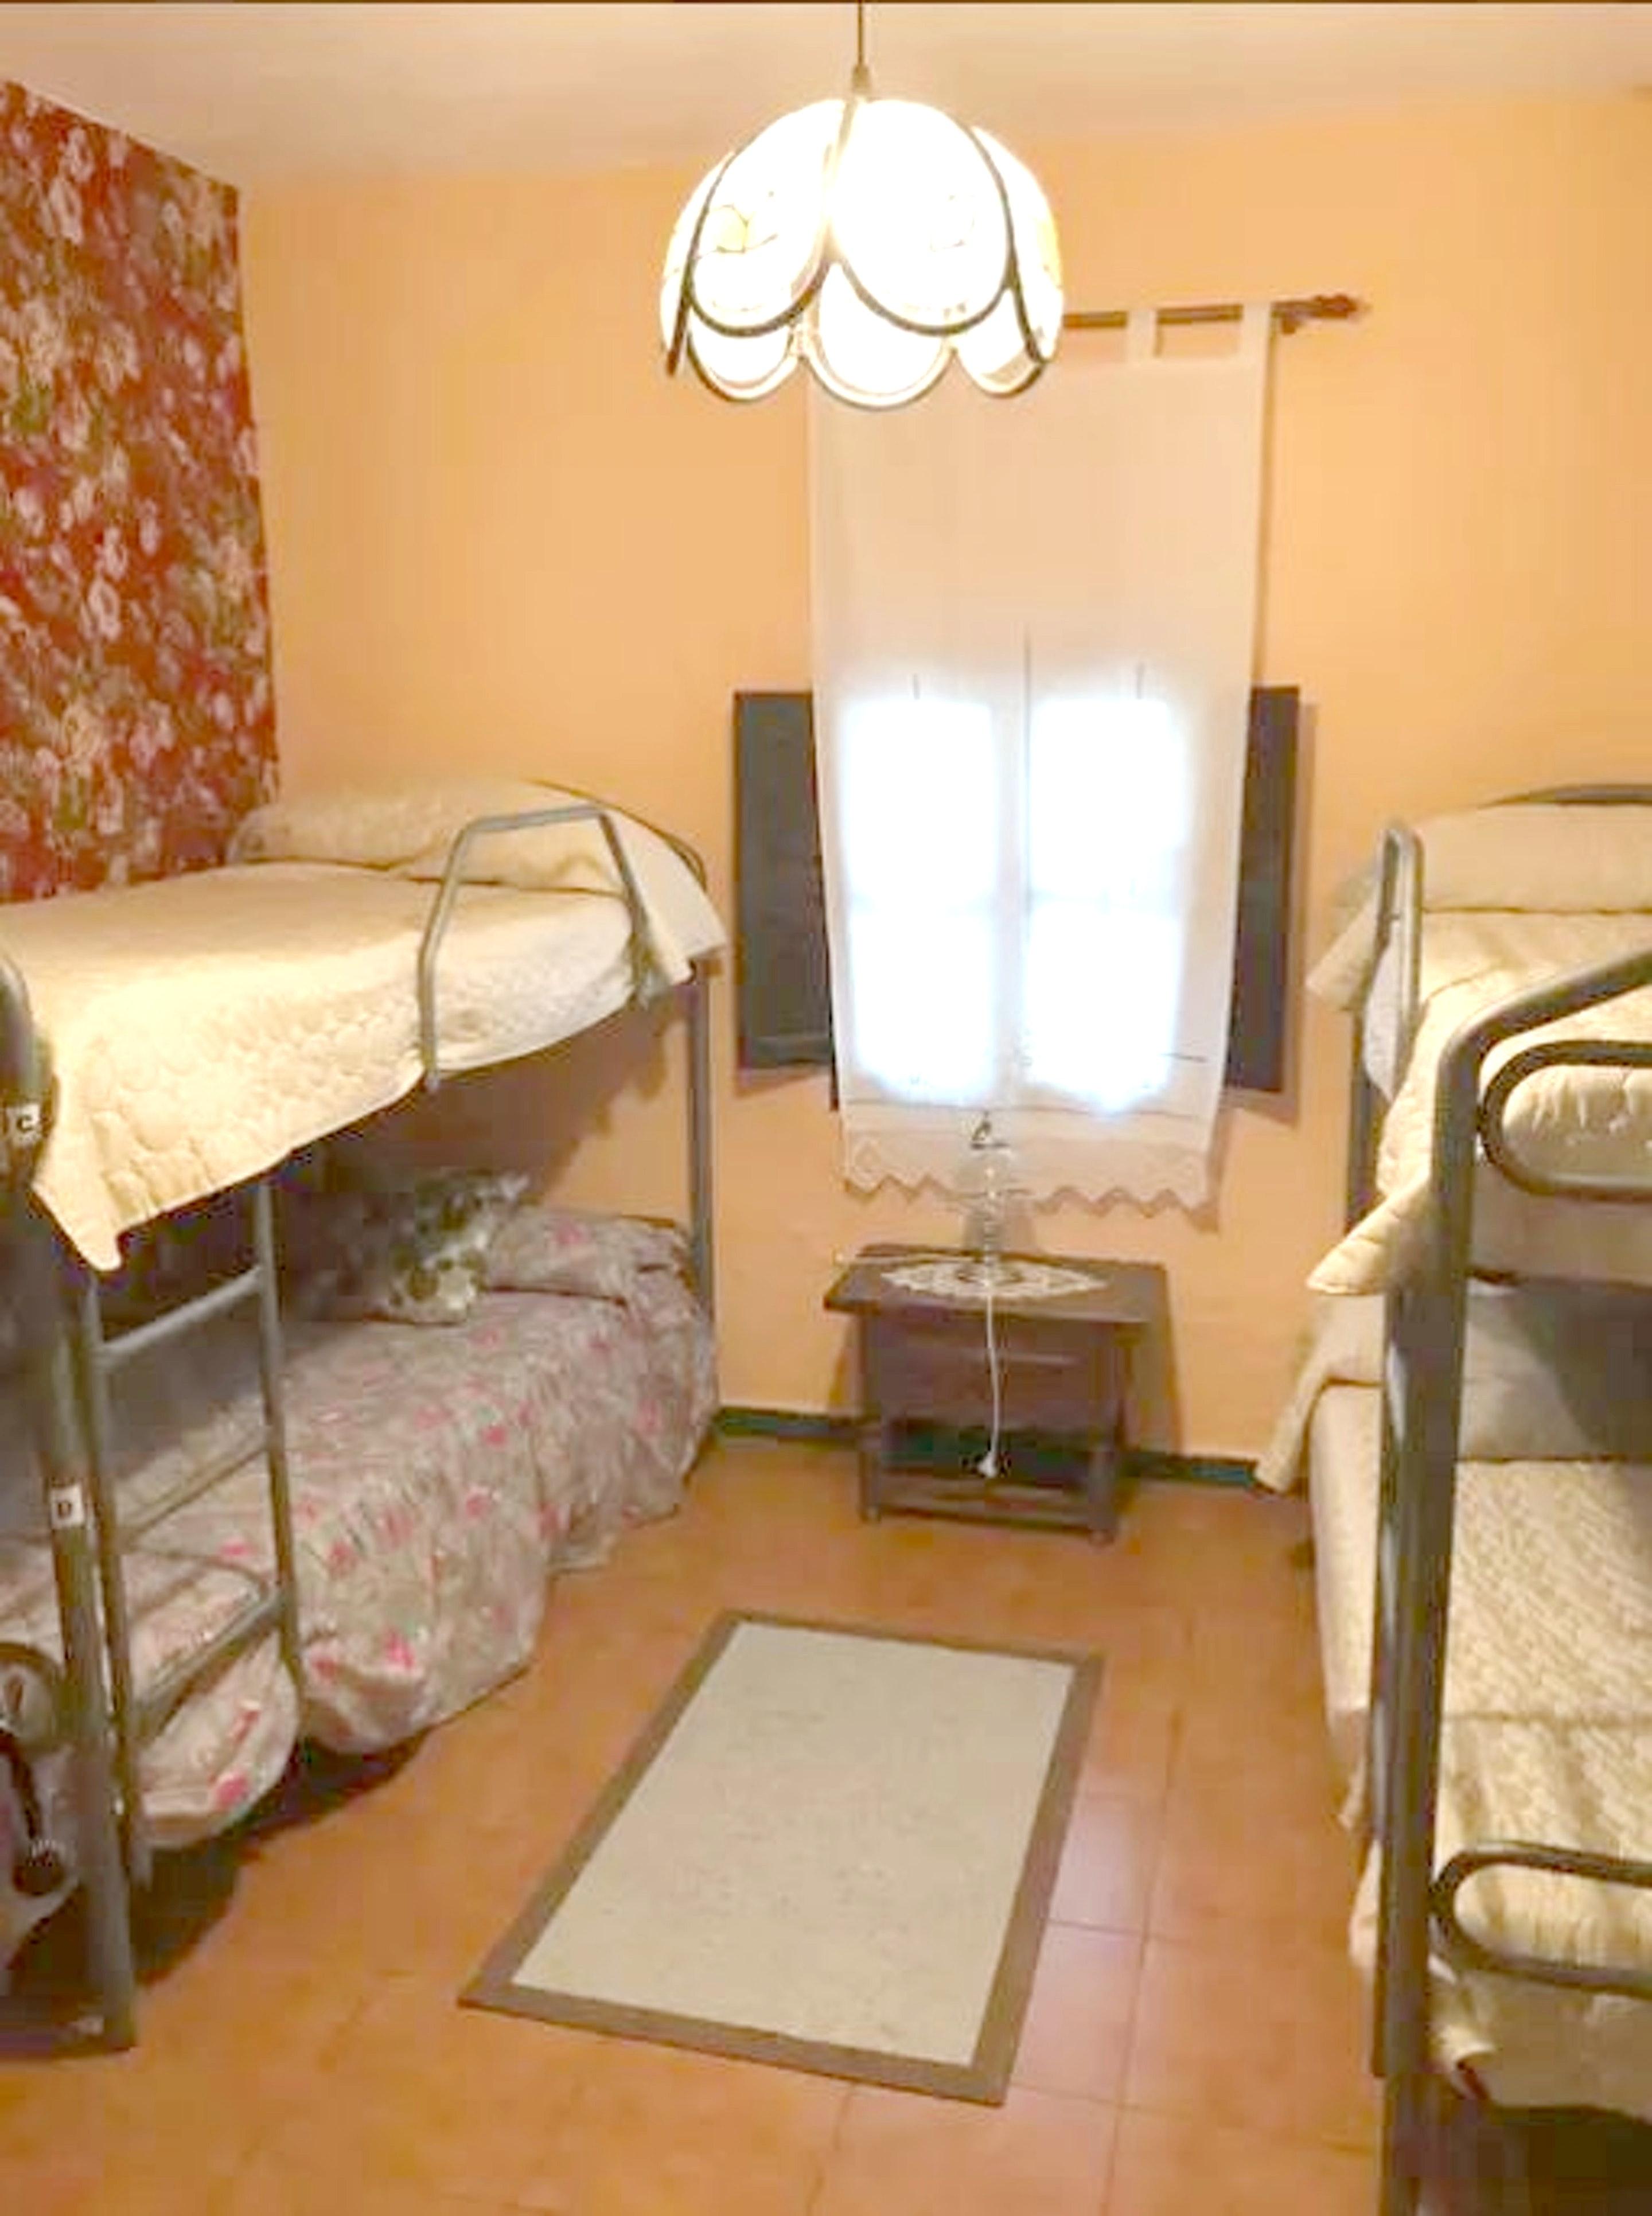 Ferienhaus Haus mit 7 Schlafzimmern in Burguillos de Toledo mit privatem Pool und eingezäuntem Garten (2299203), Burguillos de Toledo, Toledo, Kastilien-La Mancha, Spanien, Bild 20